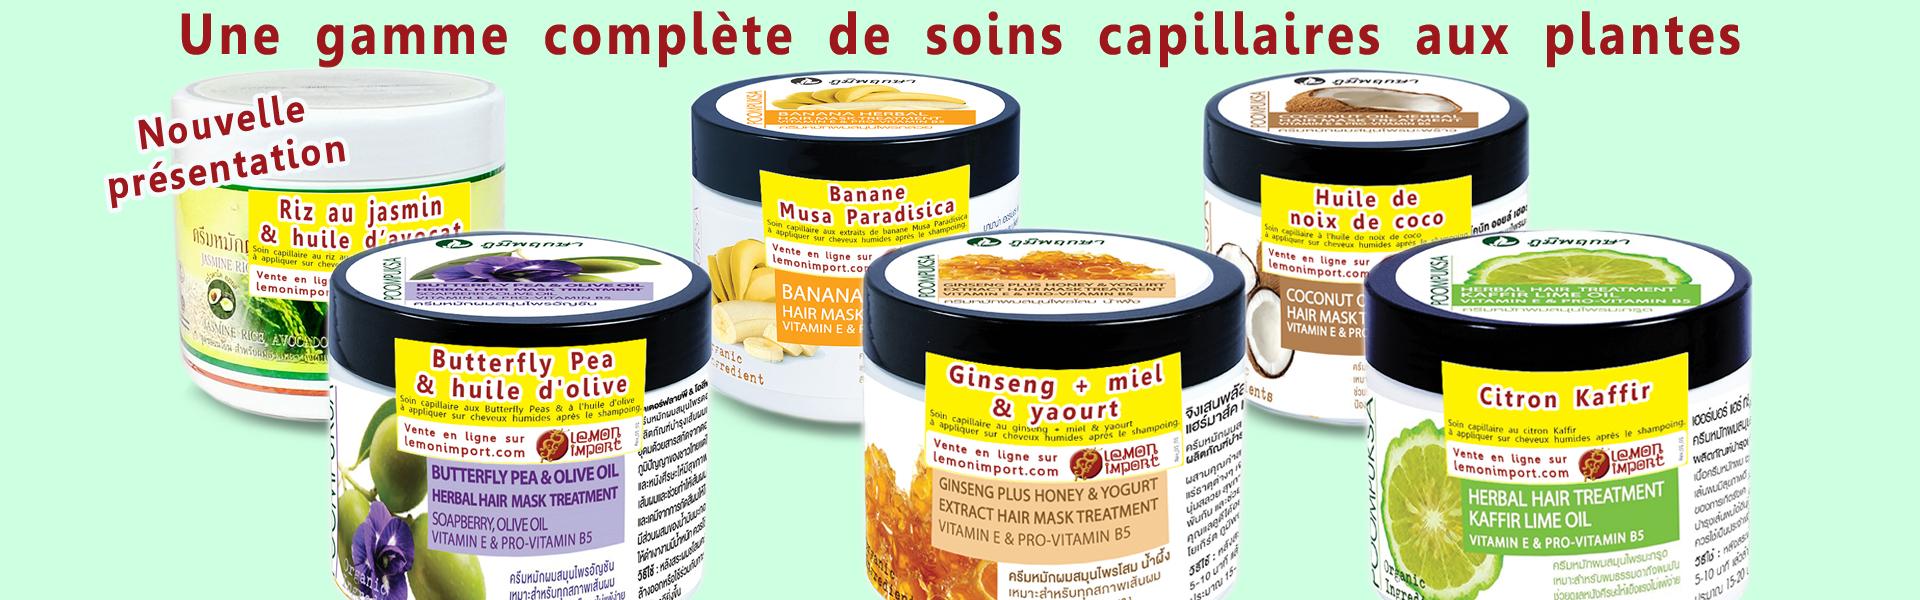 Pour choisir le masque capillaire souhaité parmi les produits disponibles, utilisez le sélecteur en haut de page.